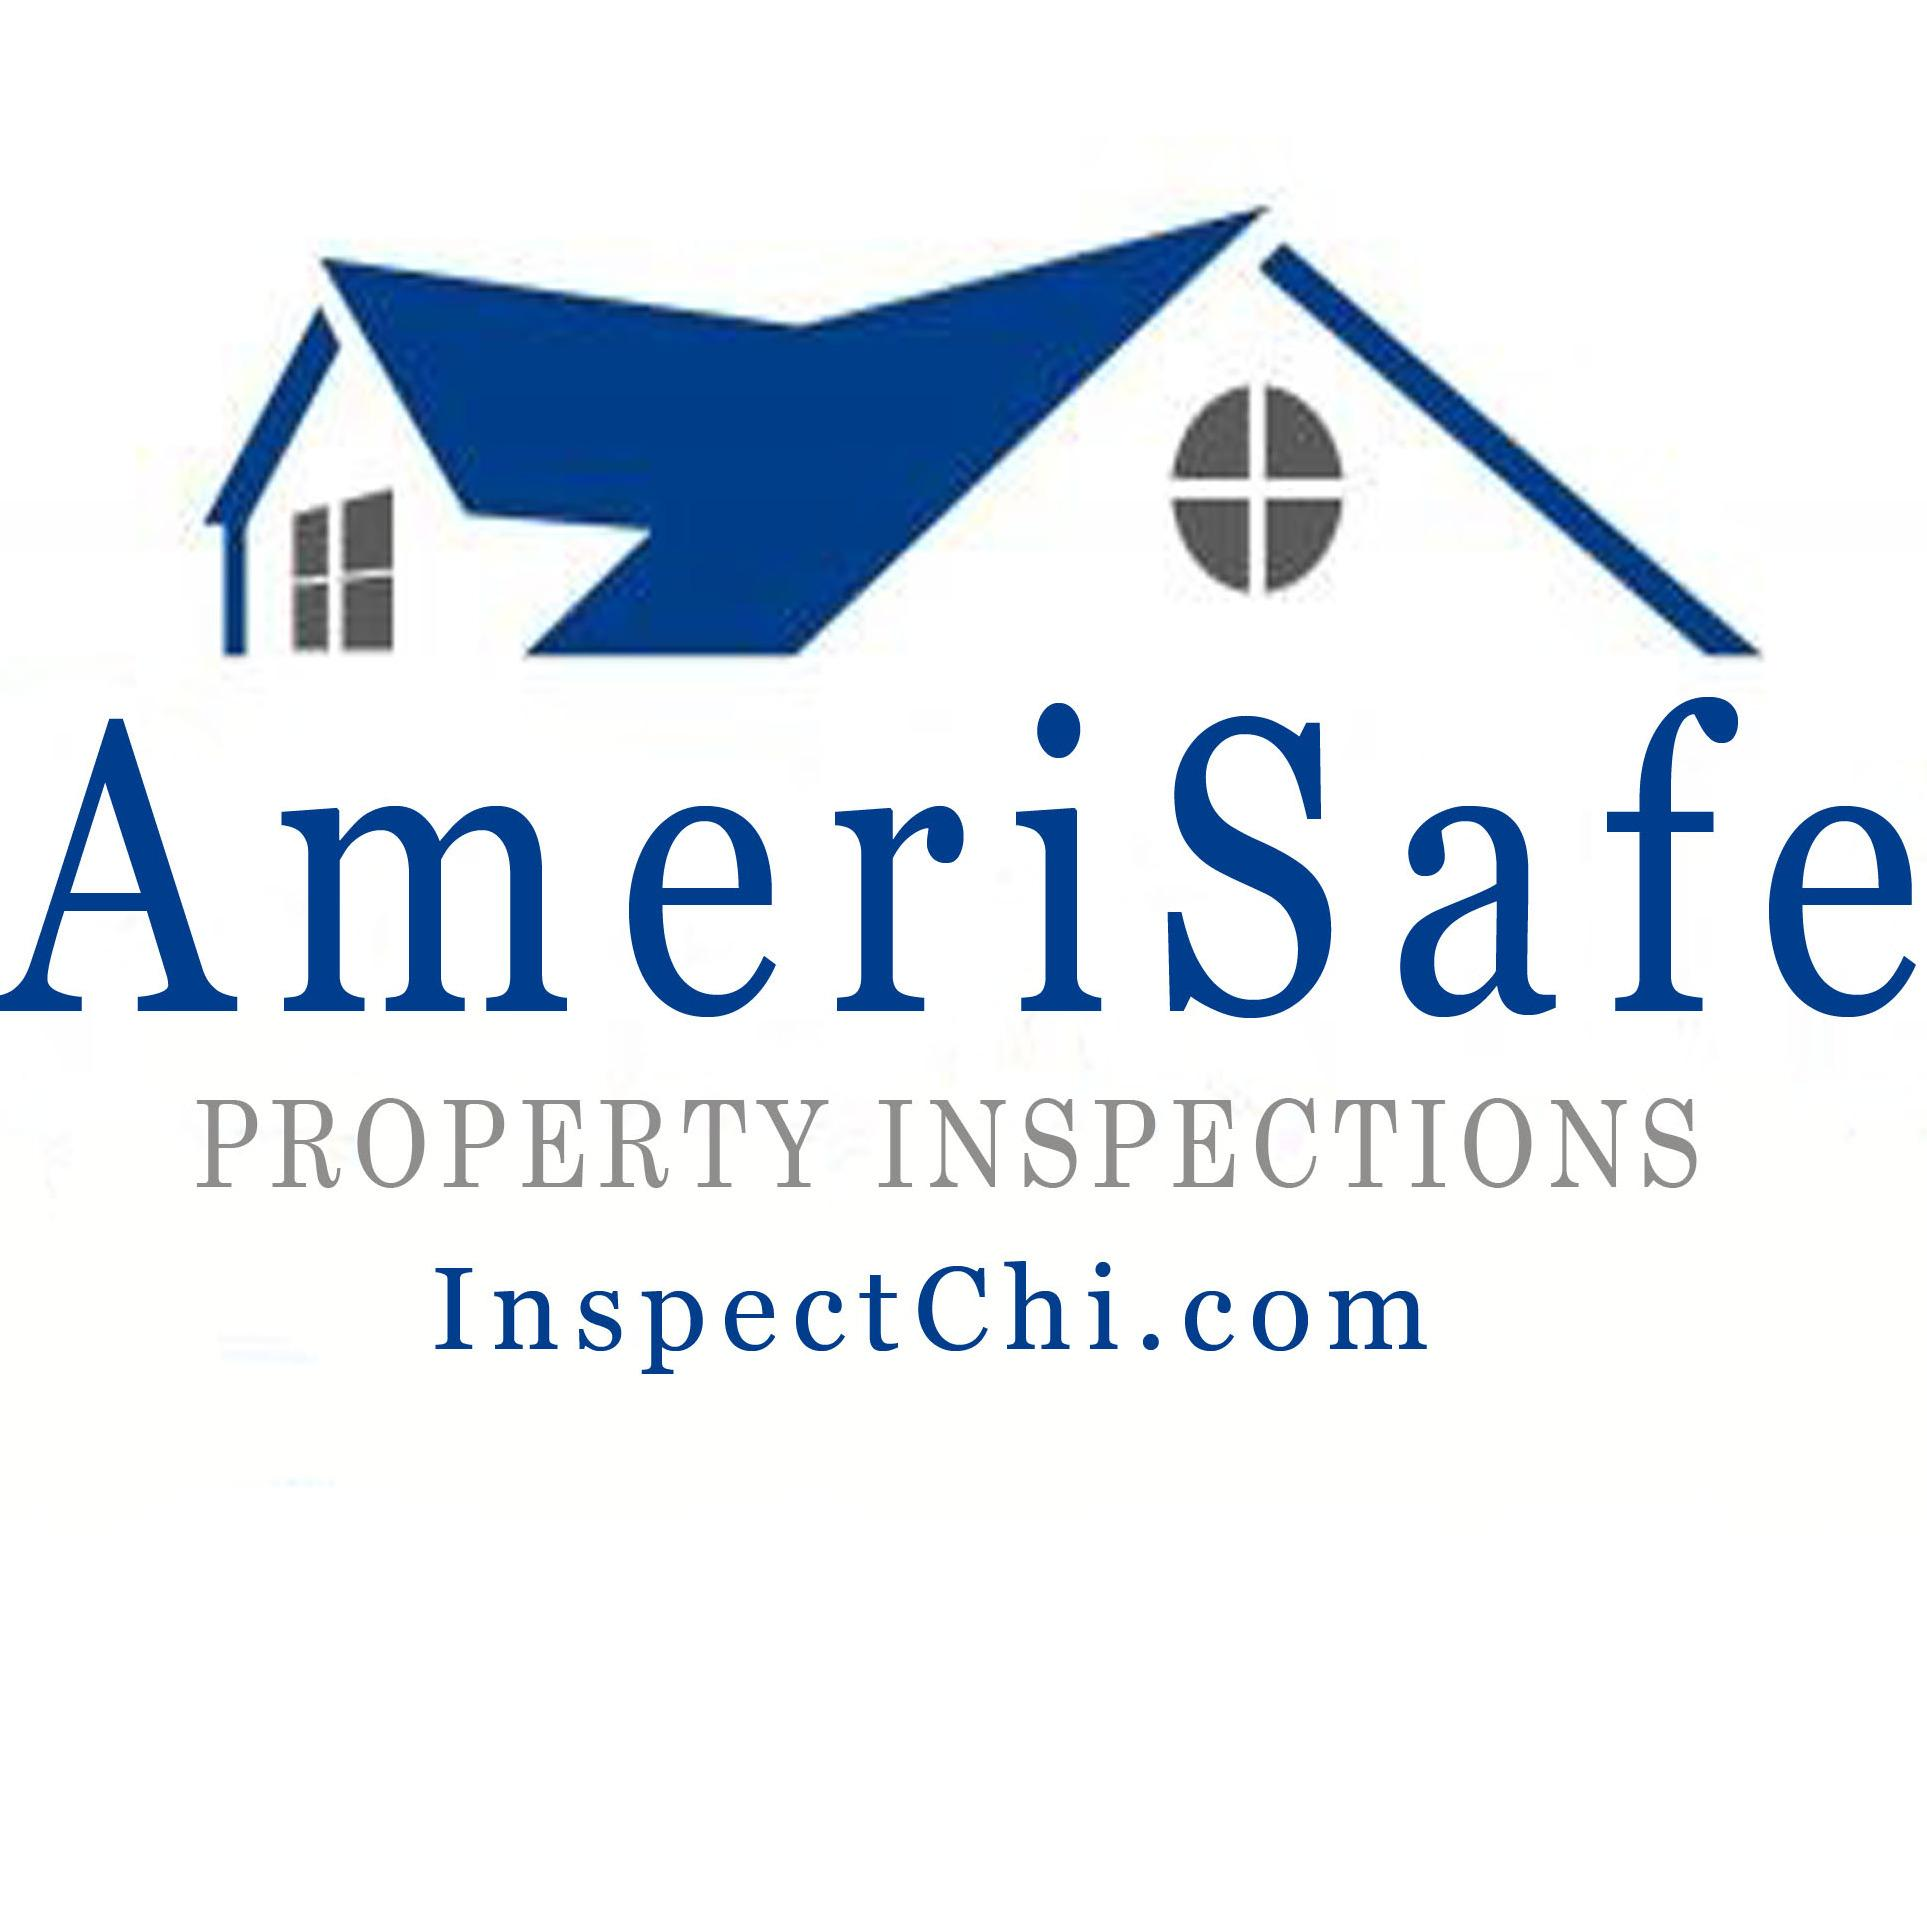 AmeriSafe Property Inspection